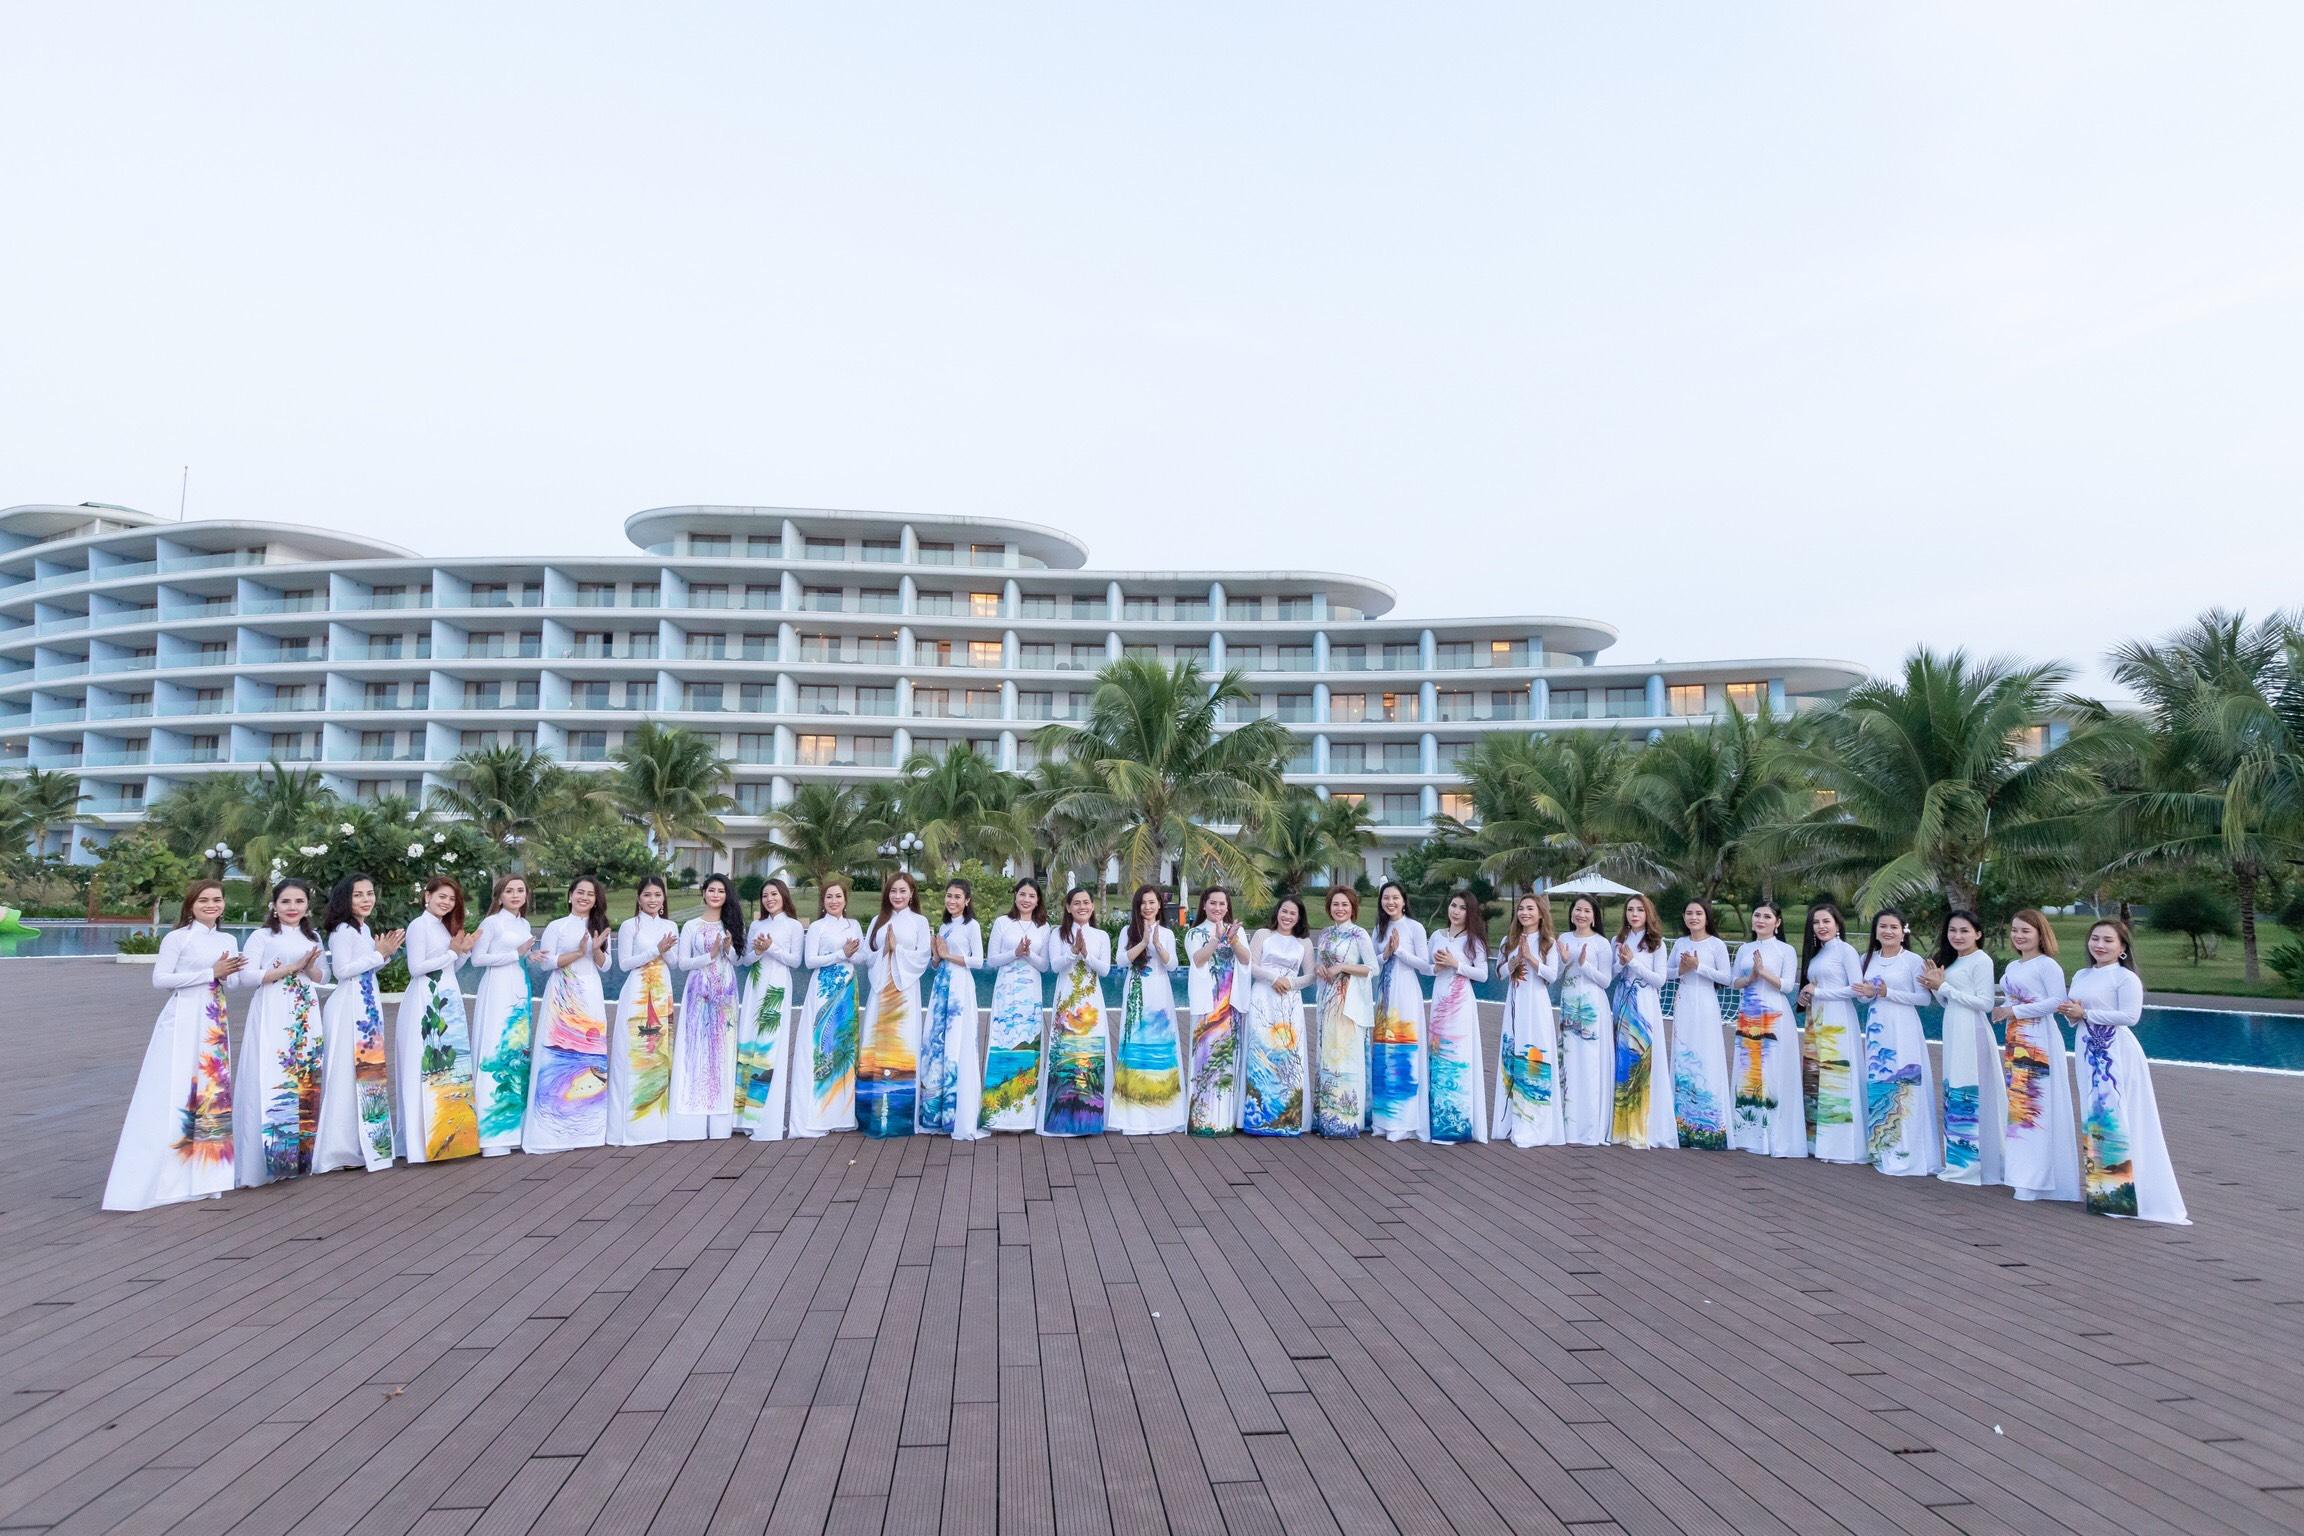 Những hình ảnh tuyệt đẹp của nữ doanh nhân trong BST áo dài Biển Gọi